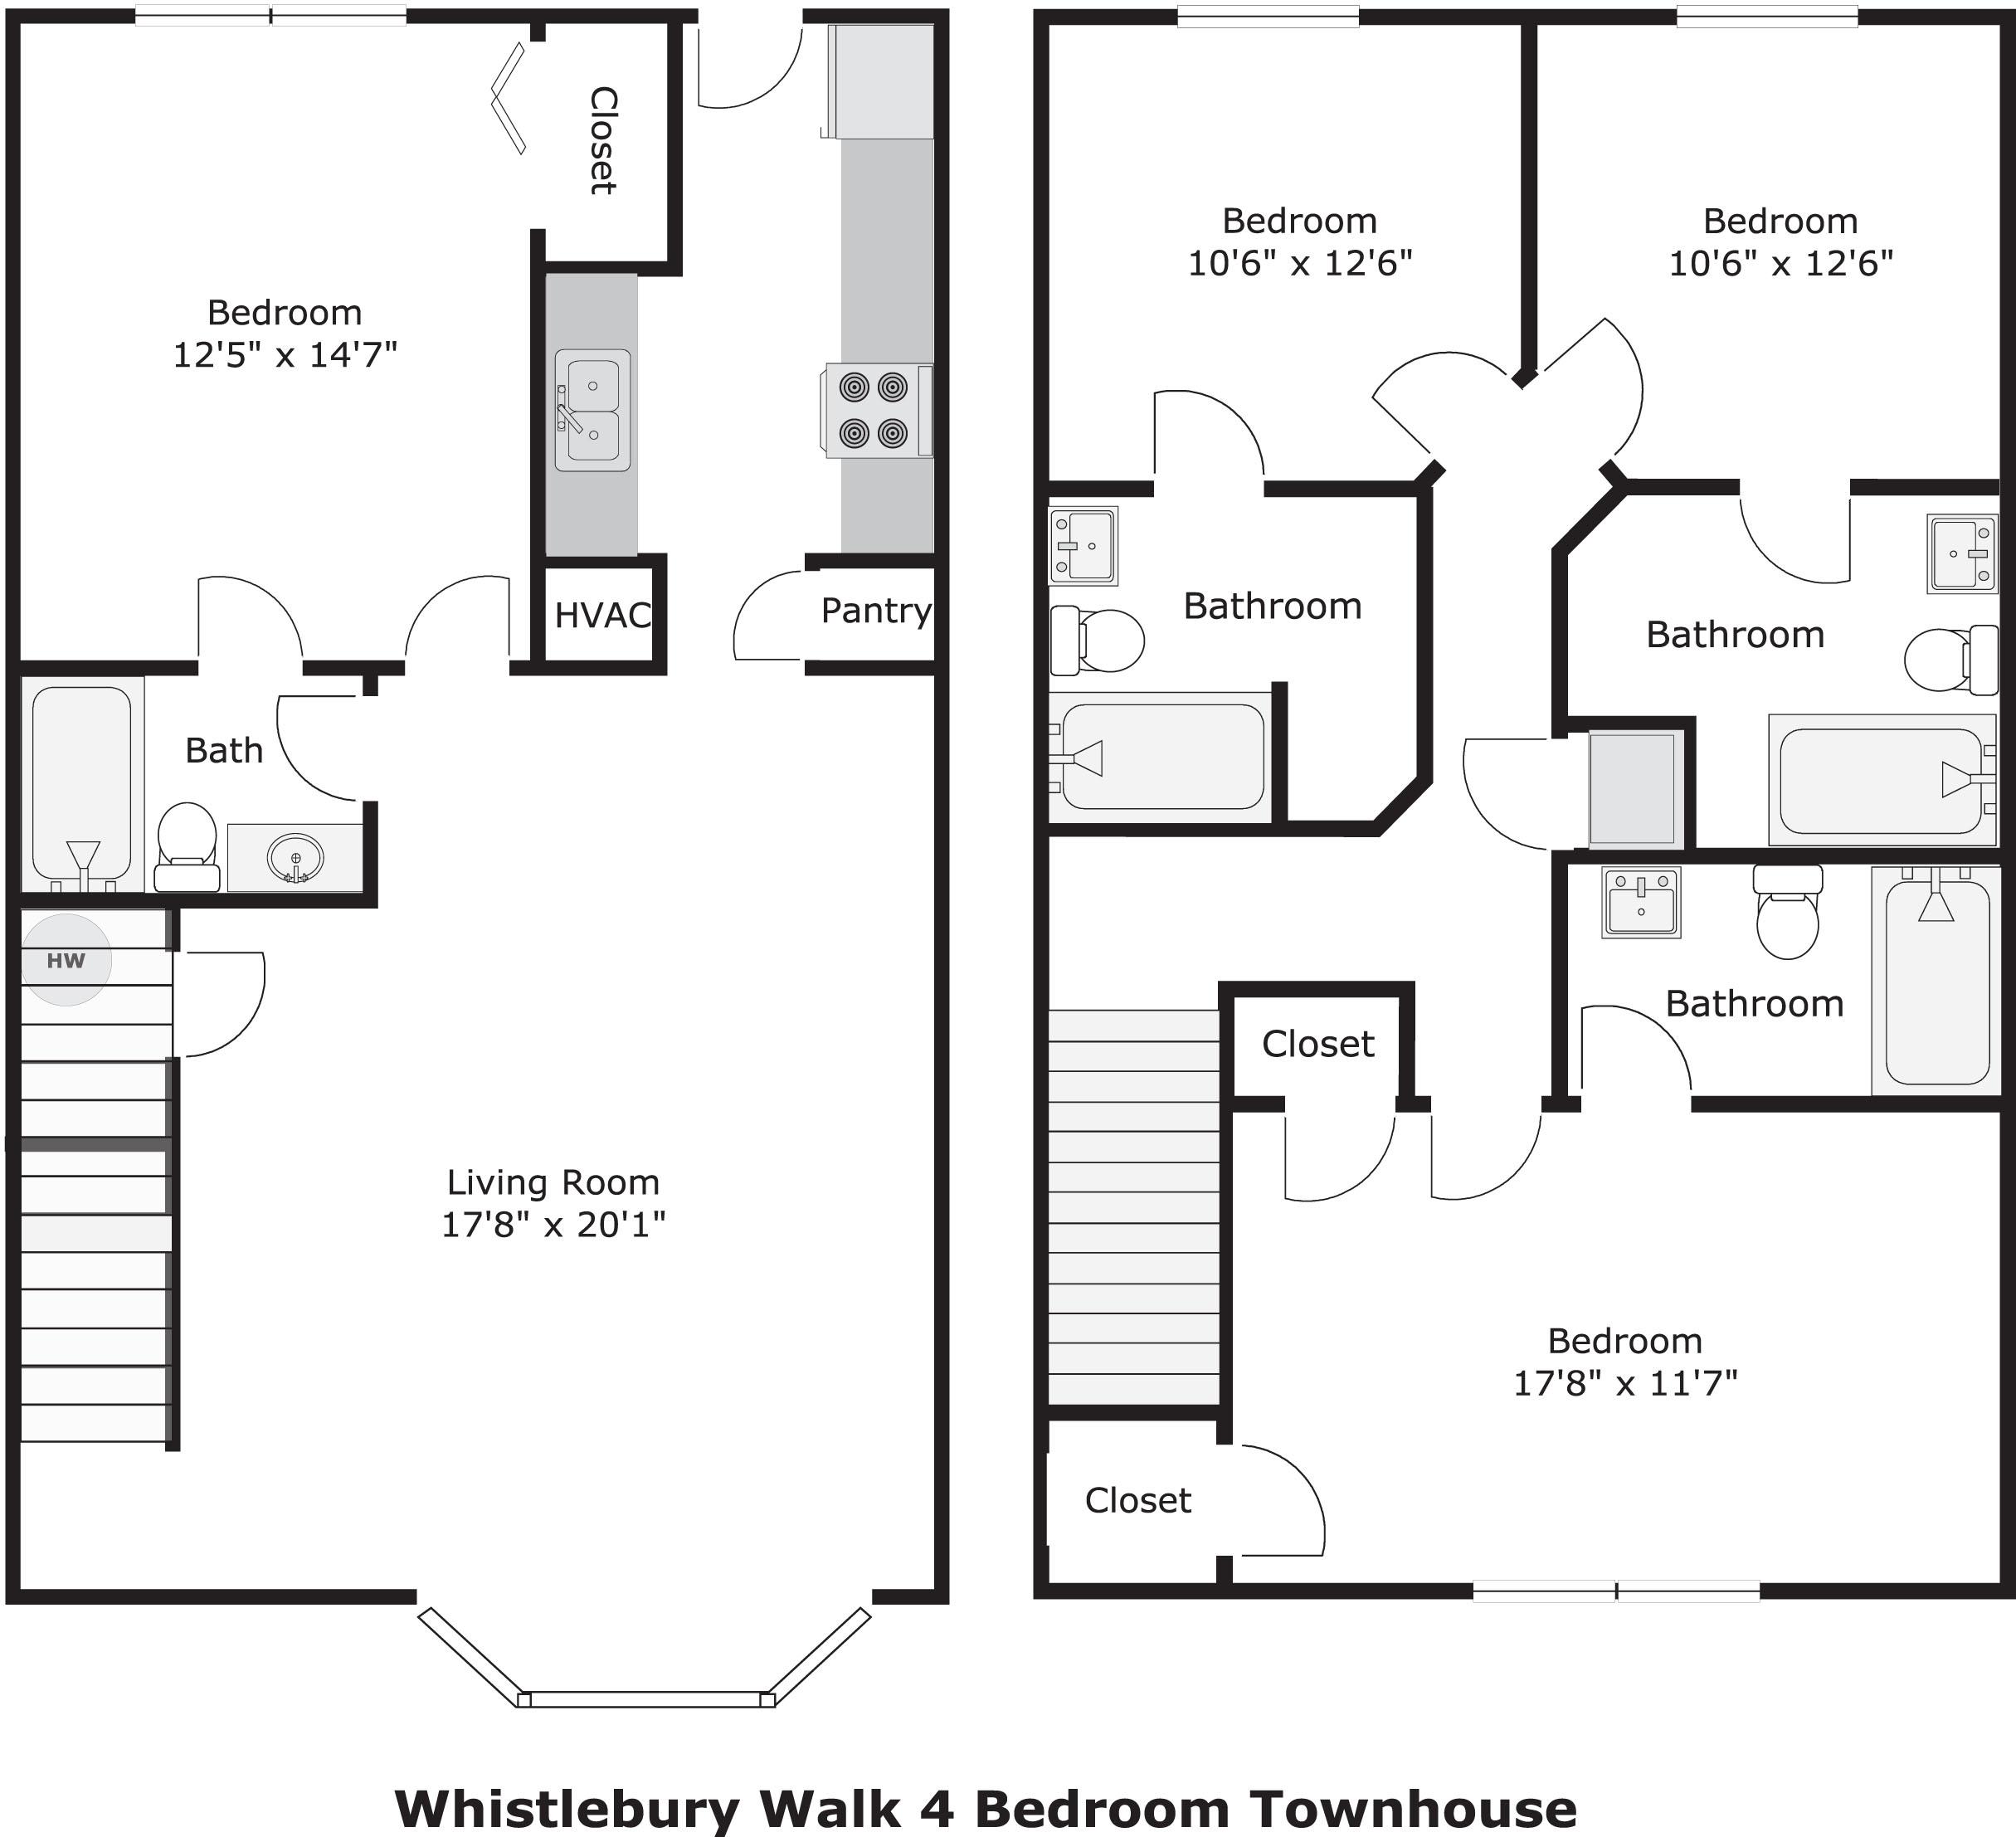 Whistlebury Walk Apartments In Athens, Georgia